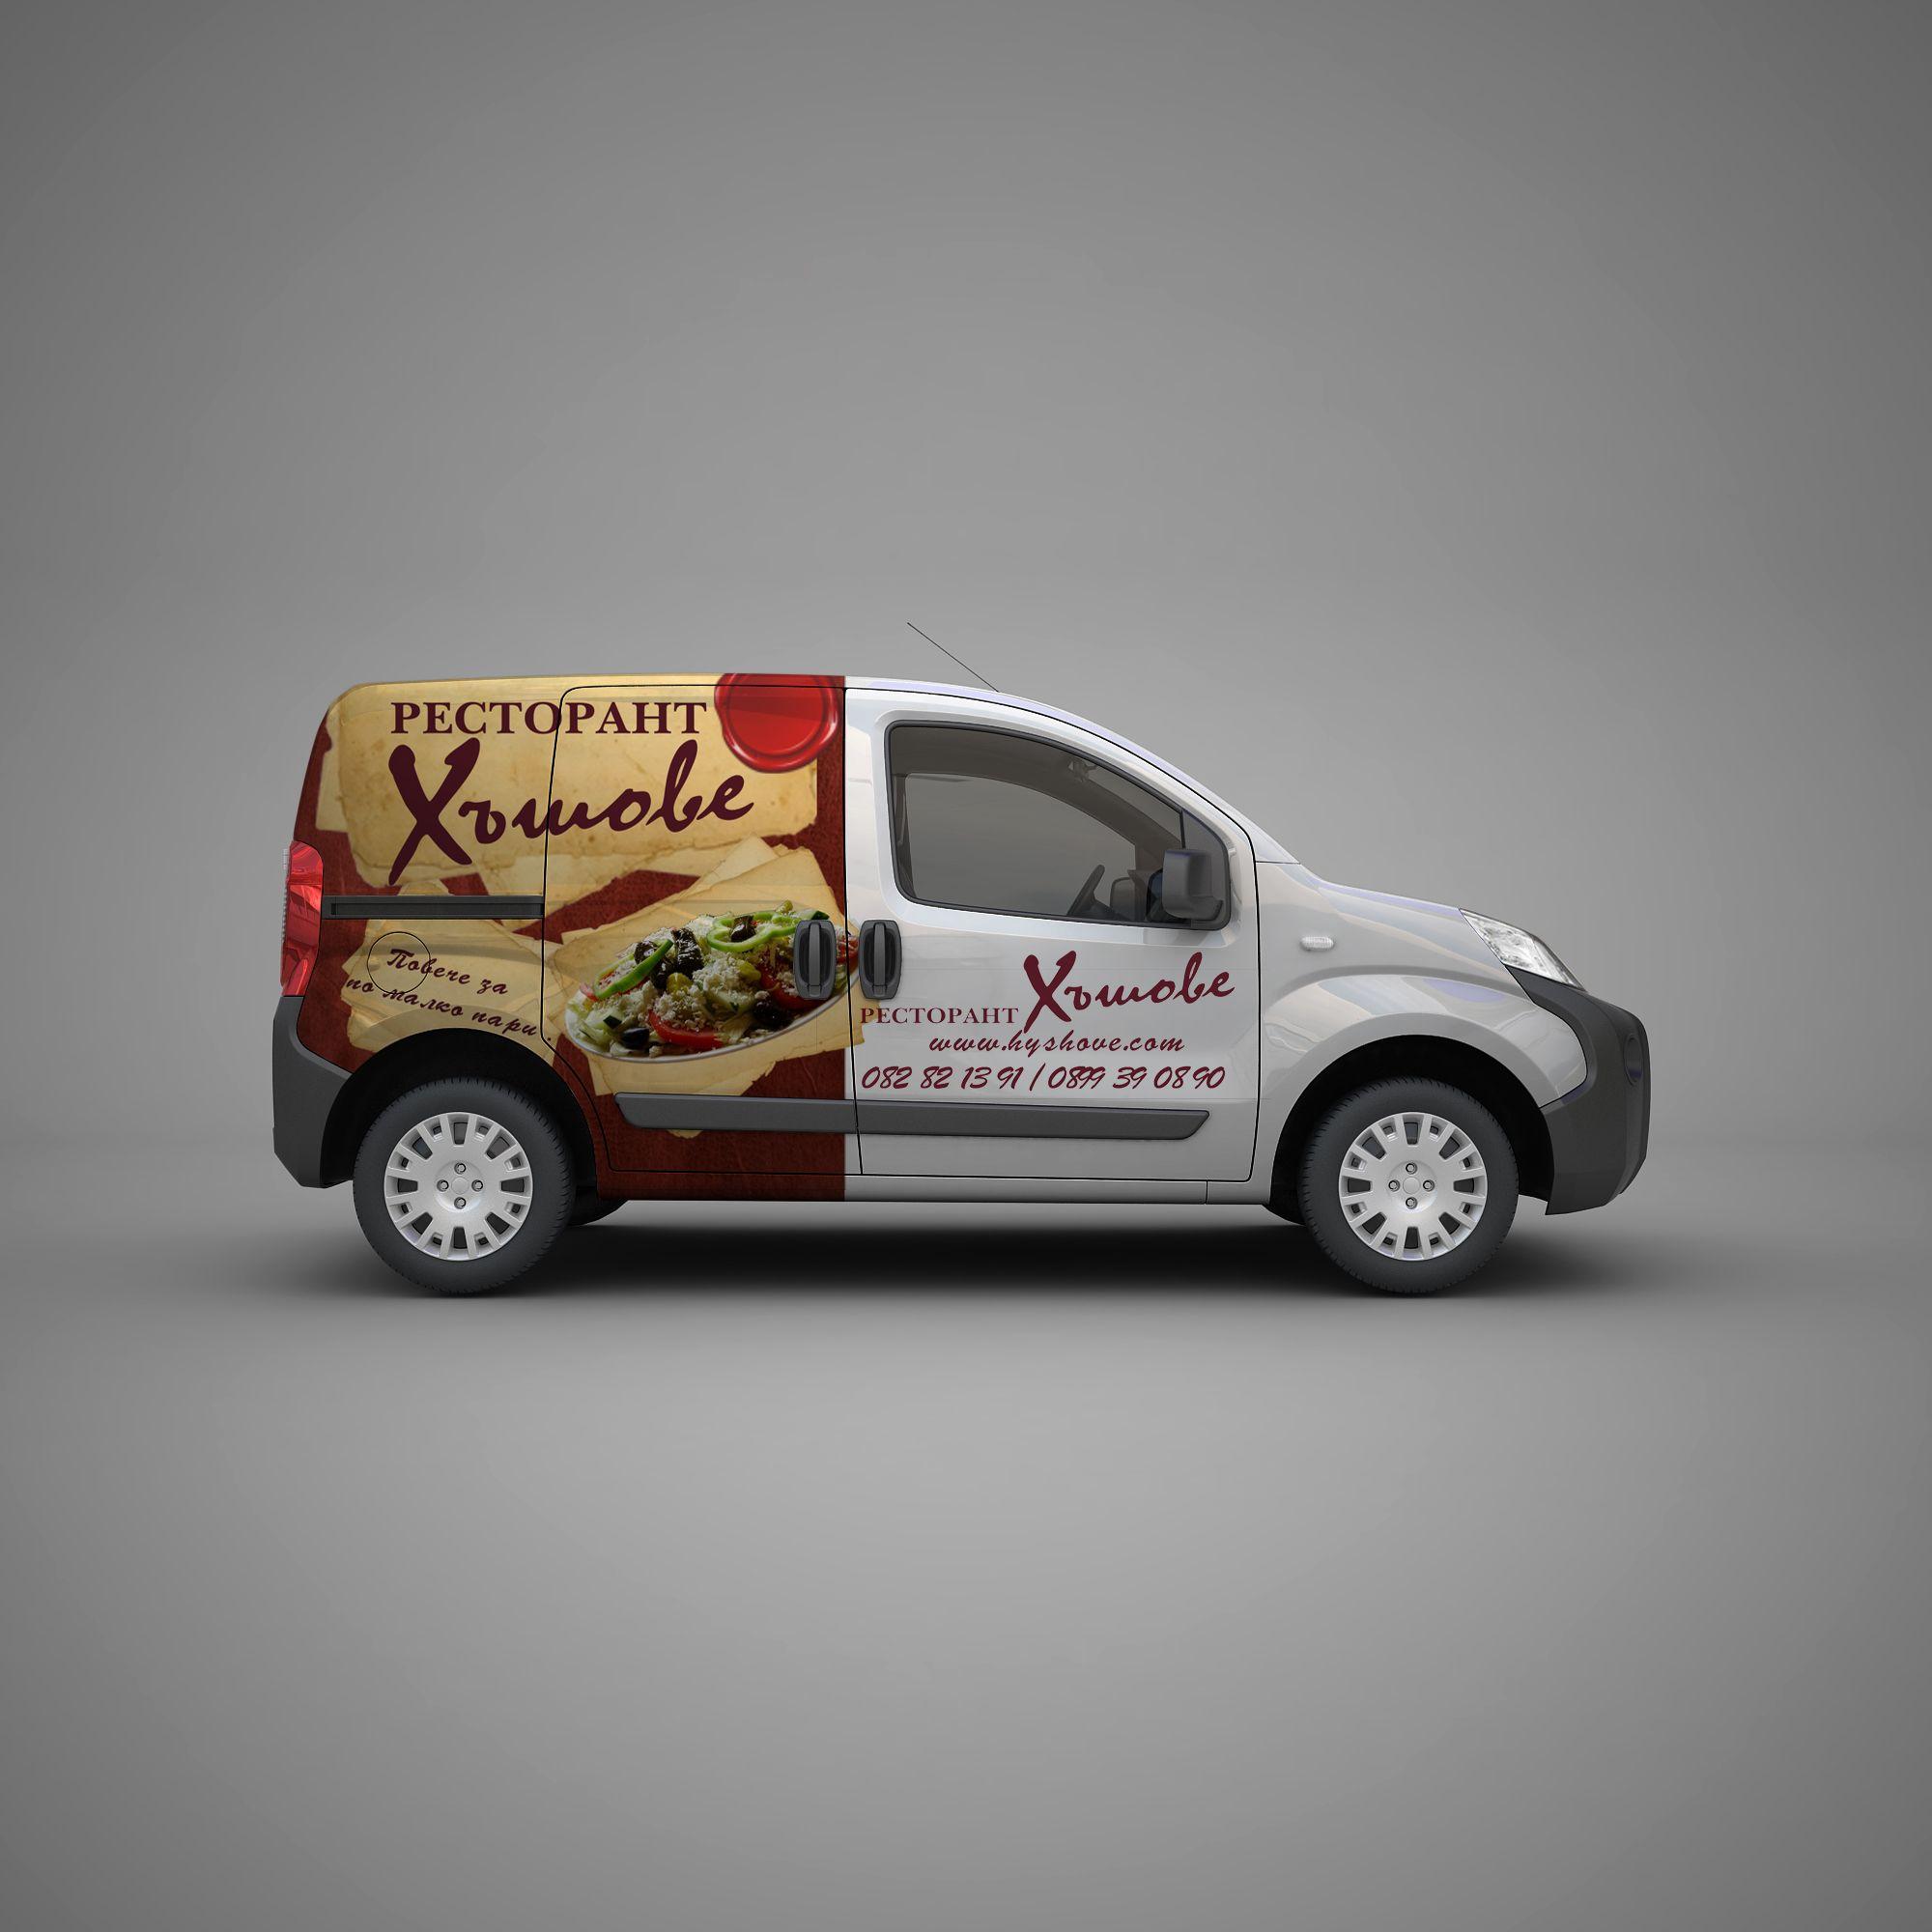 car branding | Studio2print | Pinterest | Autobeklebung, Kaufen und ...